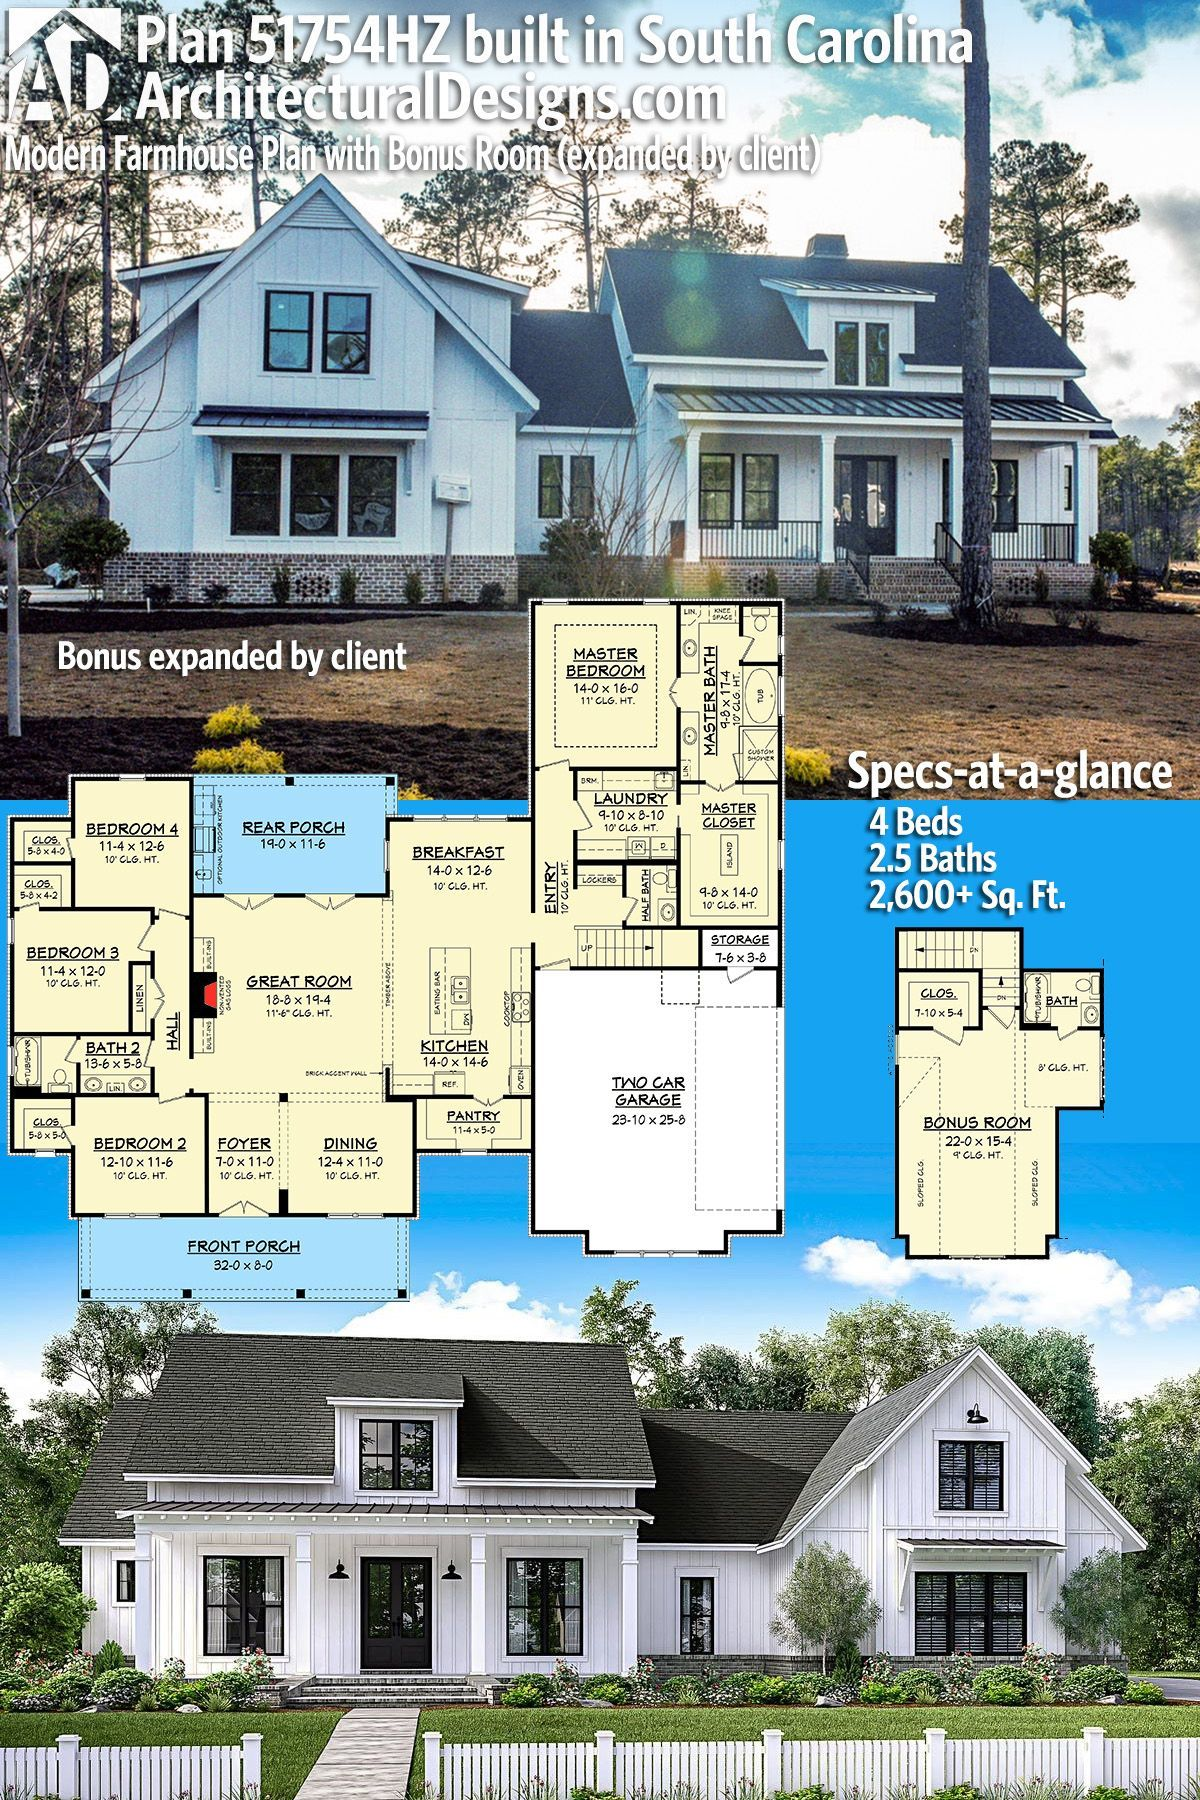 Our client built Architectural Designs Modern Farmhouse